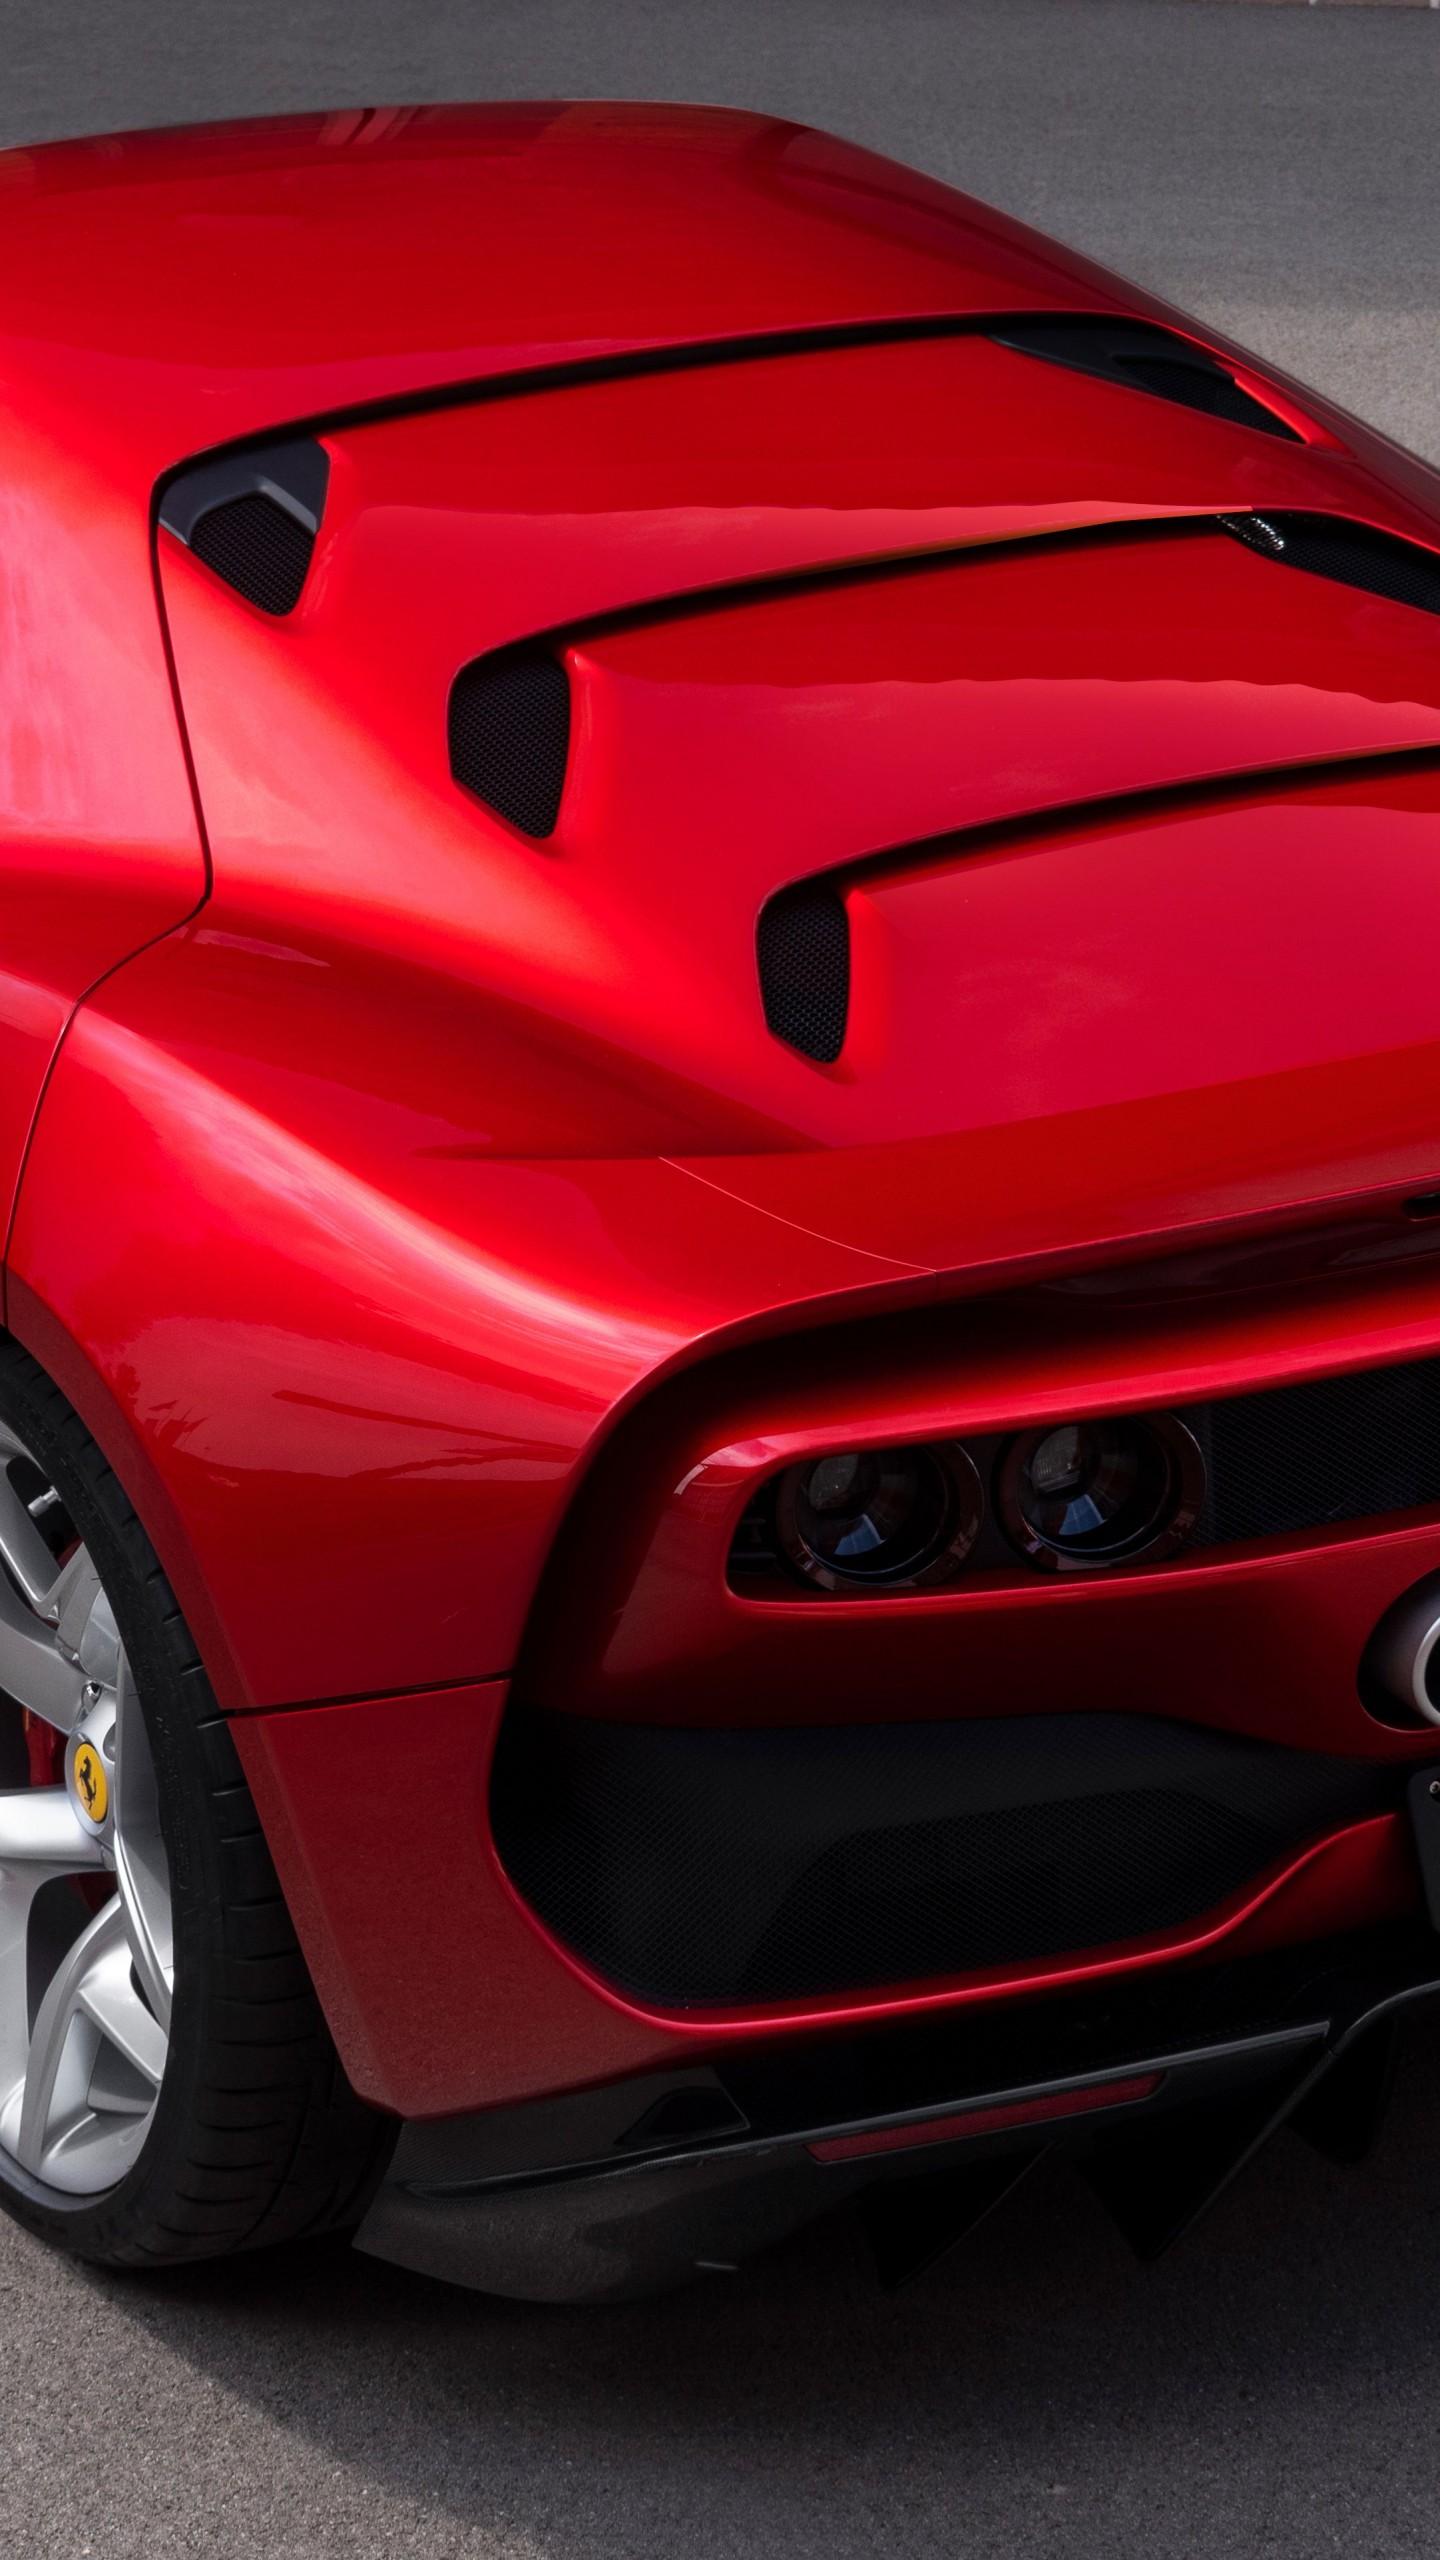 Wallpaper Ferrari SP38, 2018 Cars, Luxury cars, 4K, 8K ...